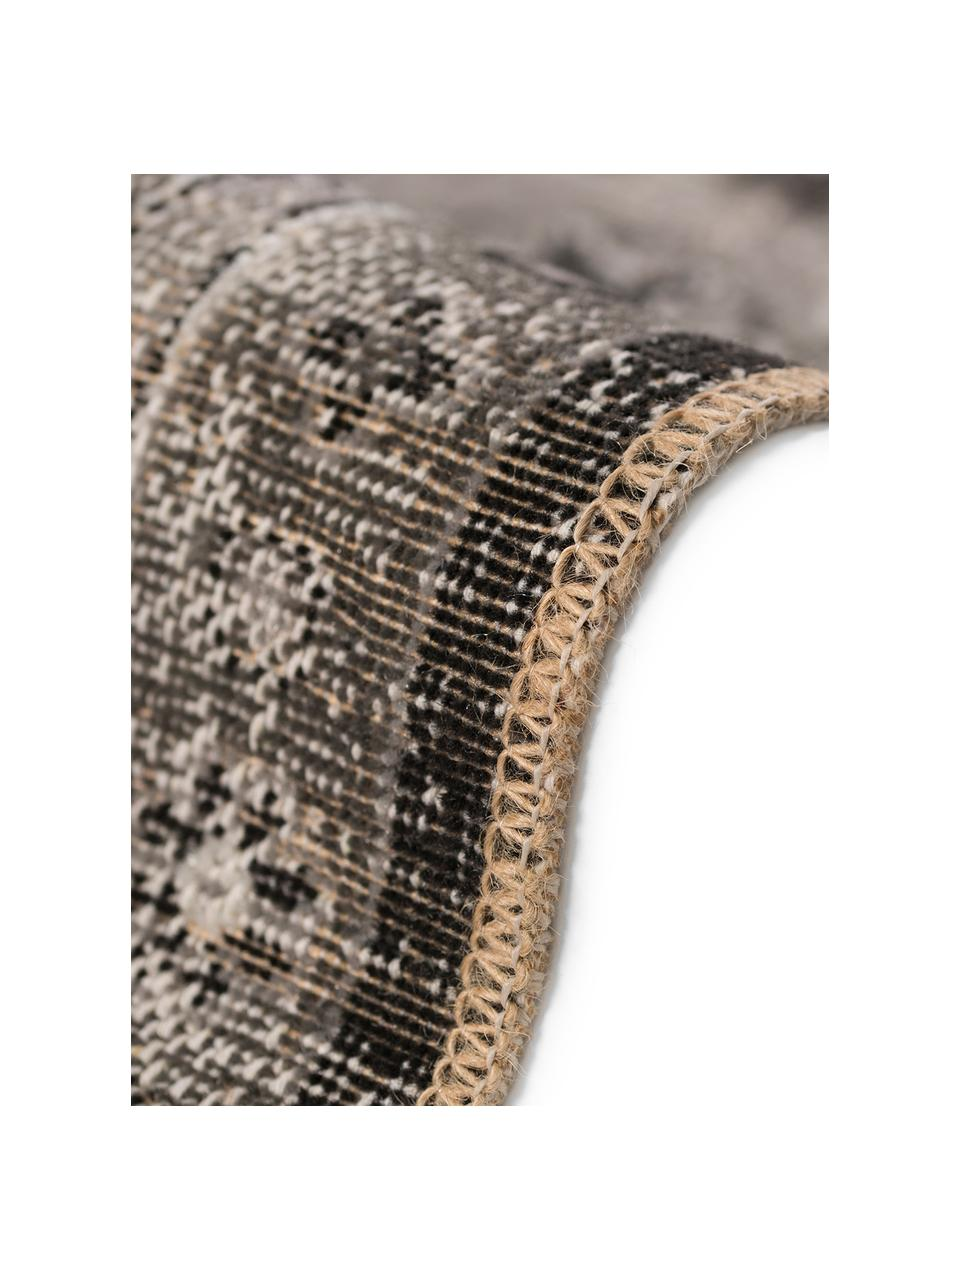 Dywan wewnętrzny/zewnętrzny w stylu vintage Tilas Antalya, 100% polipropylen, Odcienie szarego, czarny, S 160 x D 230 cm (Rozmiar M)